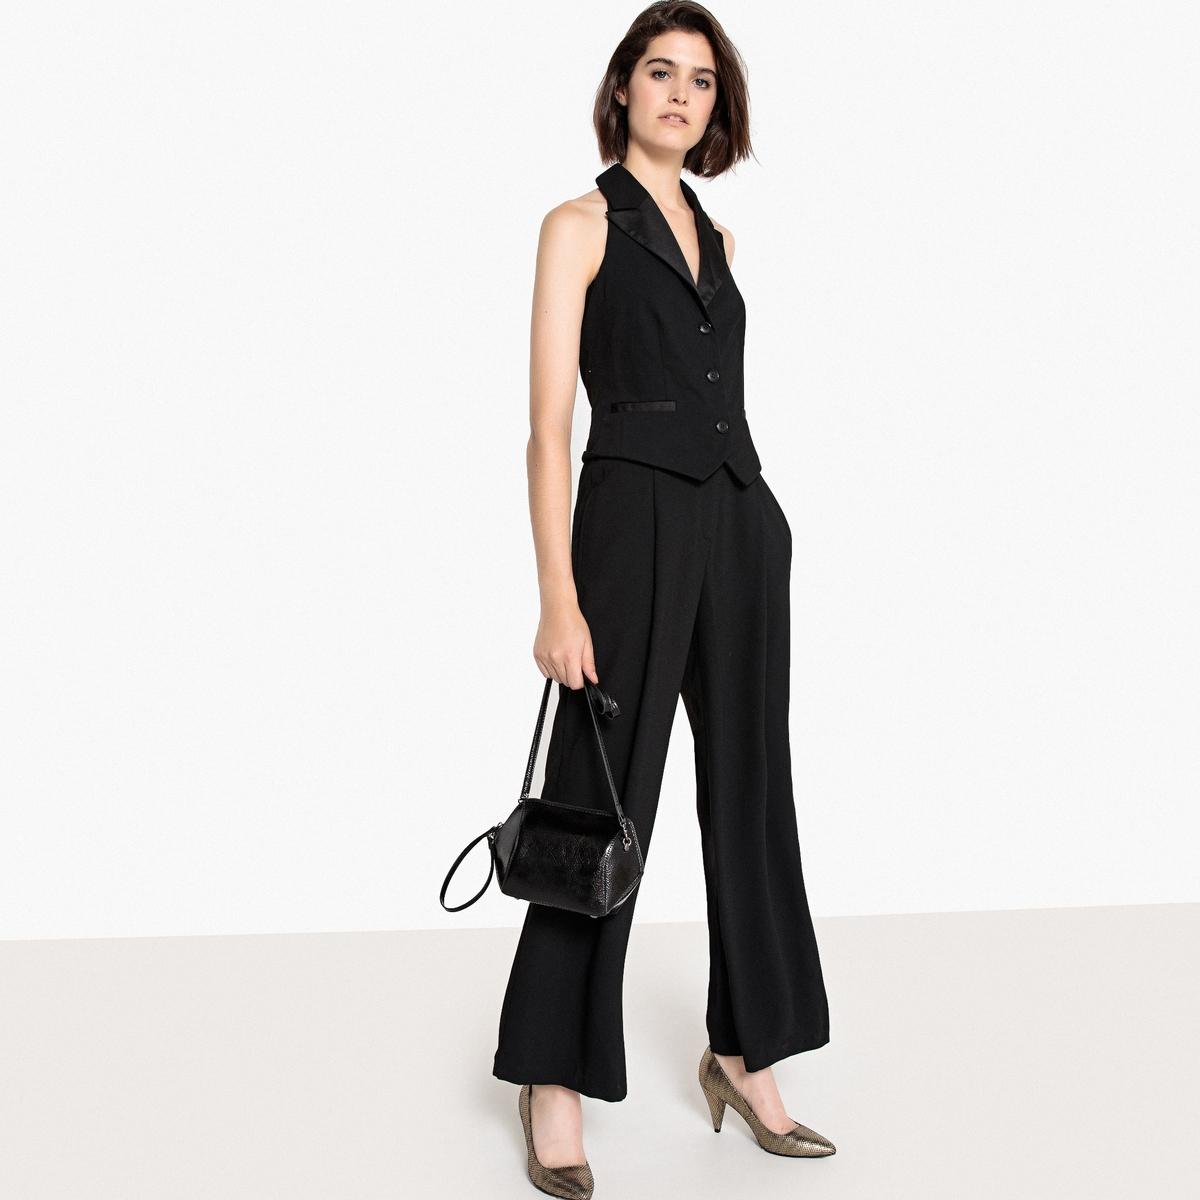 Комбинезон с брюками, без рукавов, с открытой спинкой комбинация с открытой спинкой и попой черная